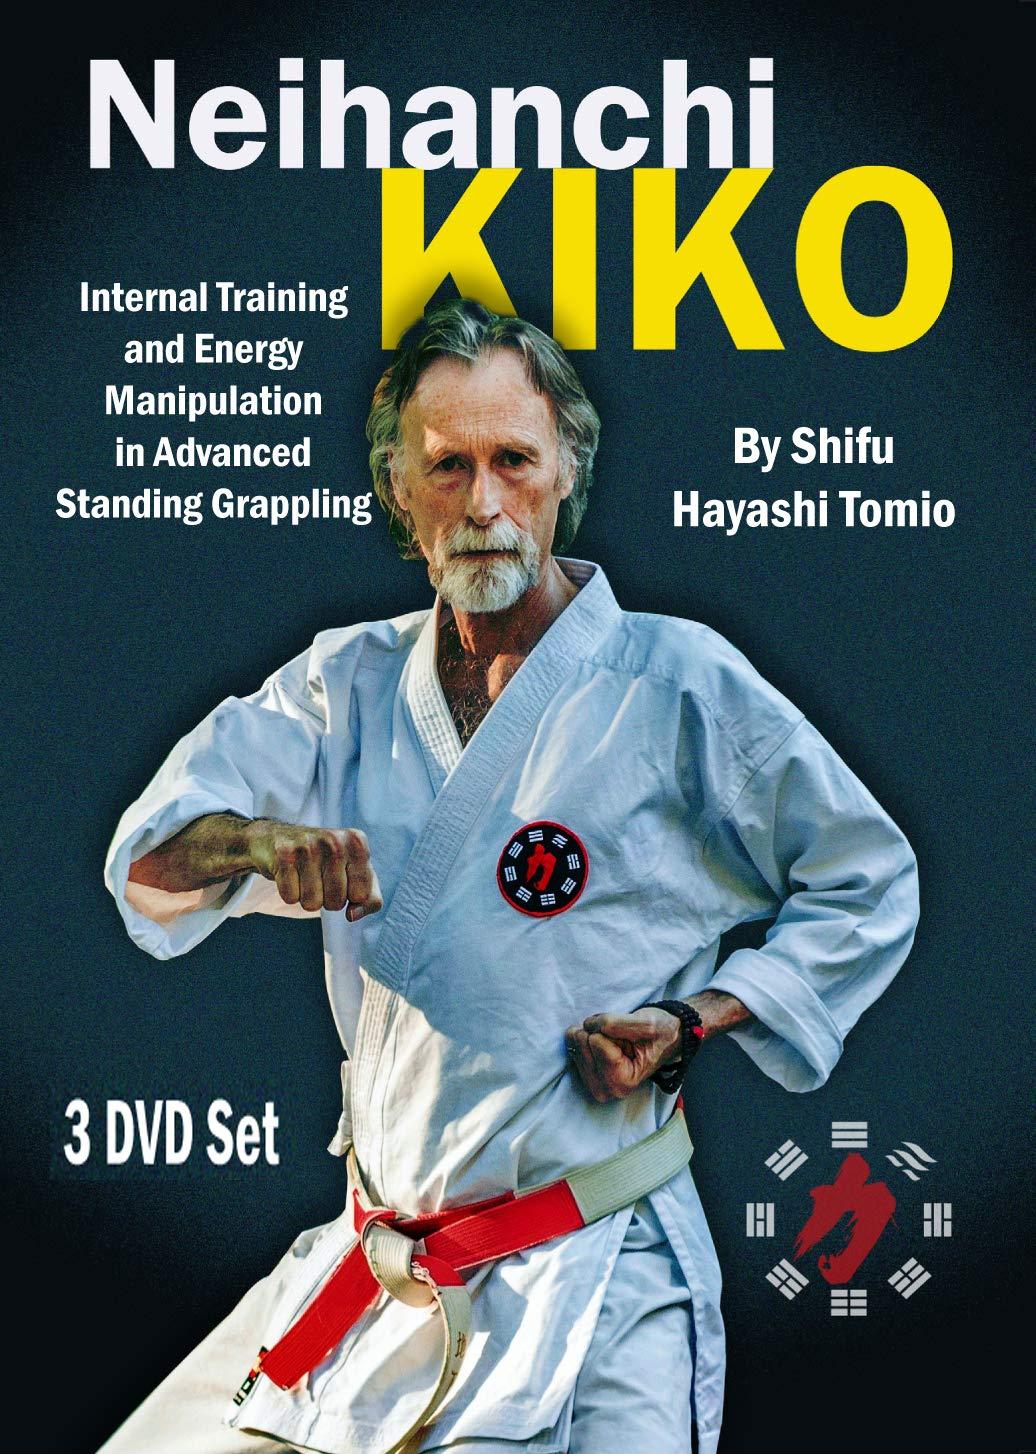 Neihanchi KIKO (3 DVD Set KEMPO Karate) by Shifu Hayashi Tomio by em3video